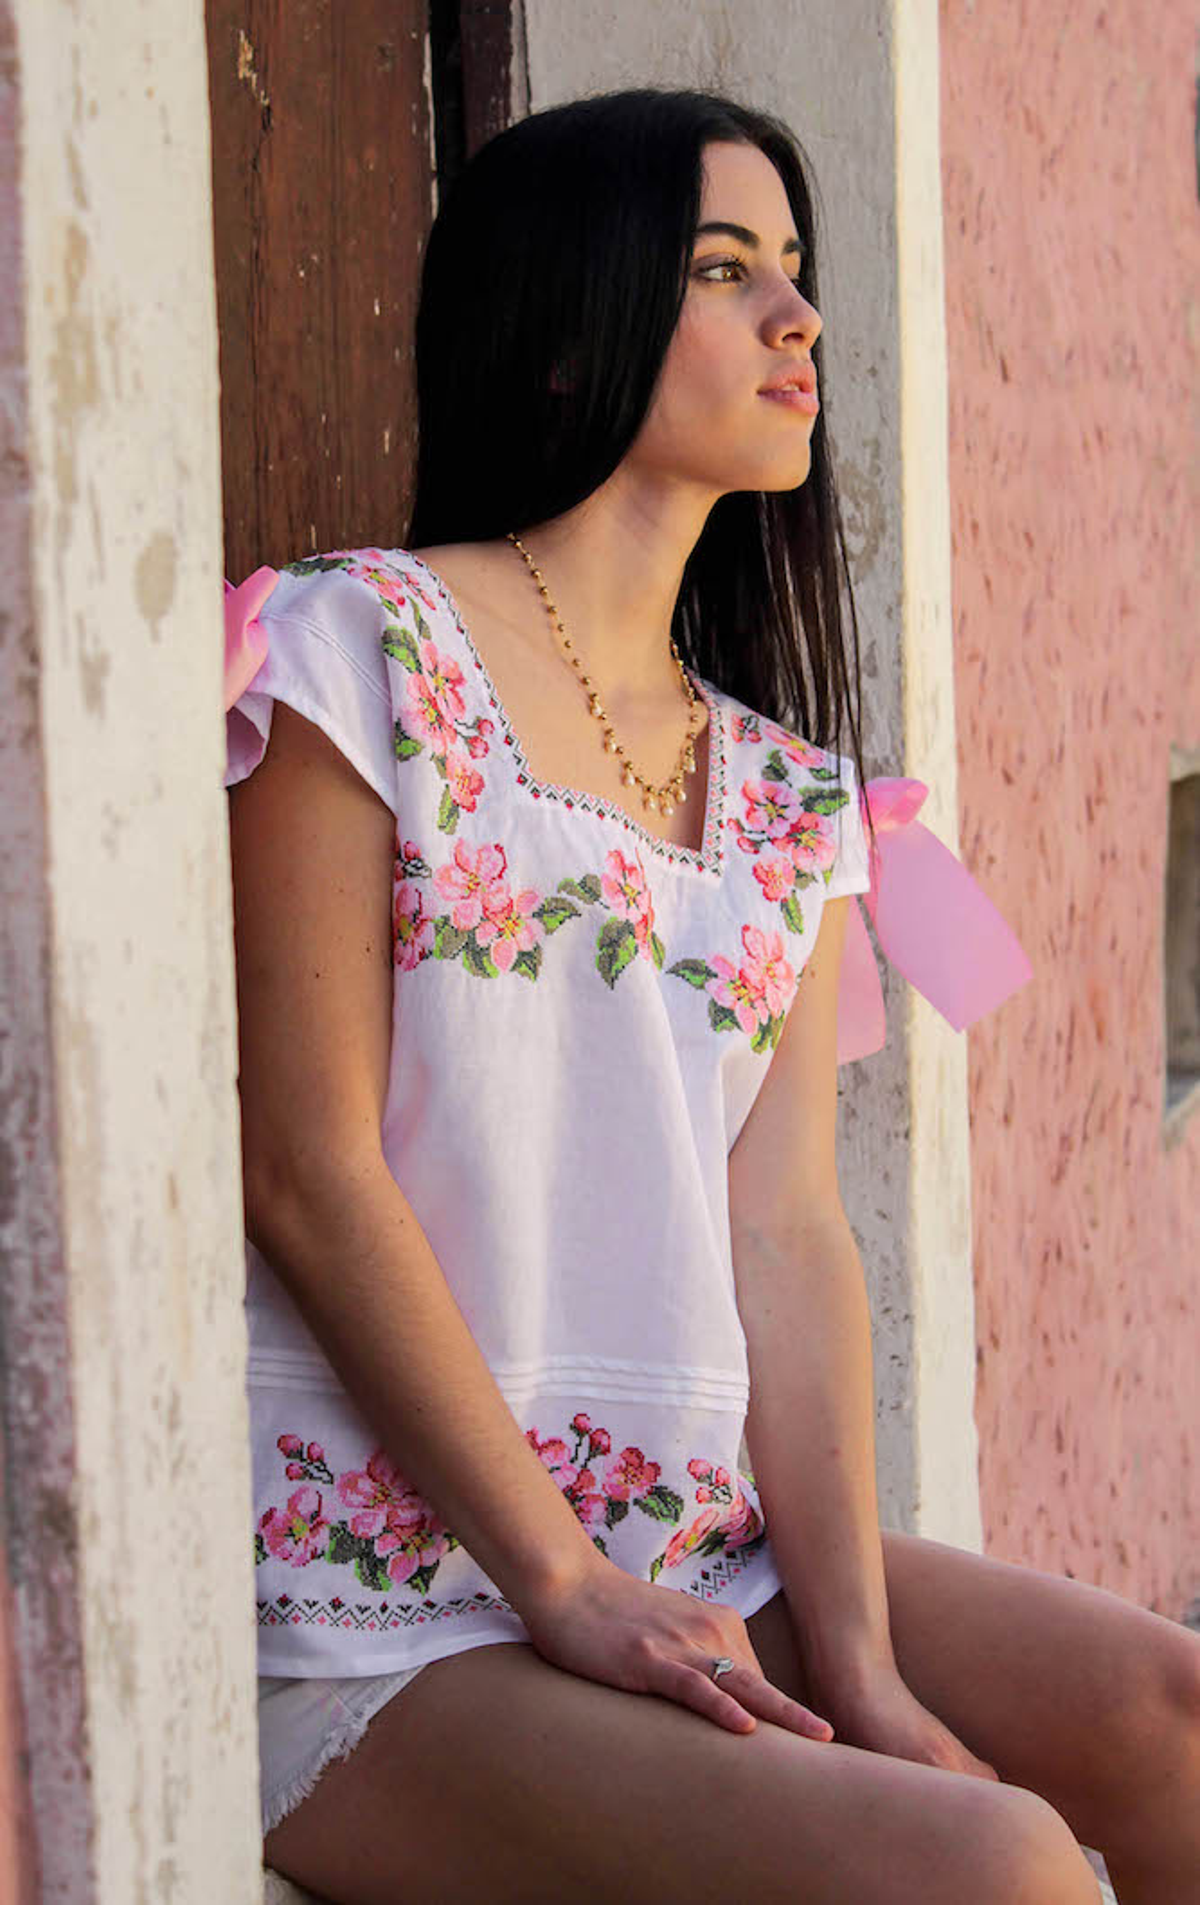 Juliana I